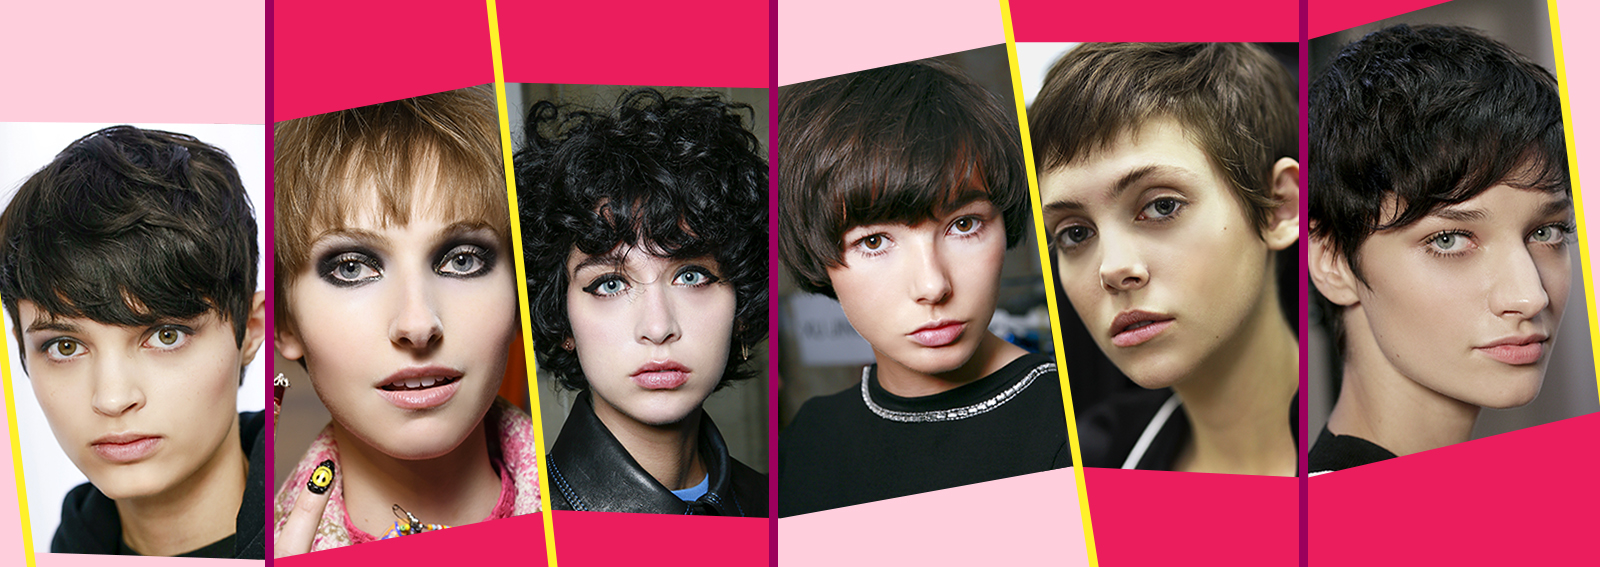 Taglio corto con frangia: gli hairlook di tendenza del momento